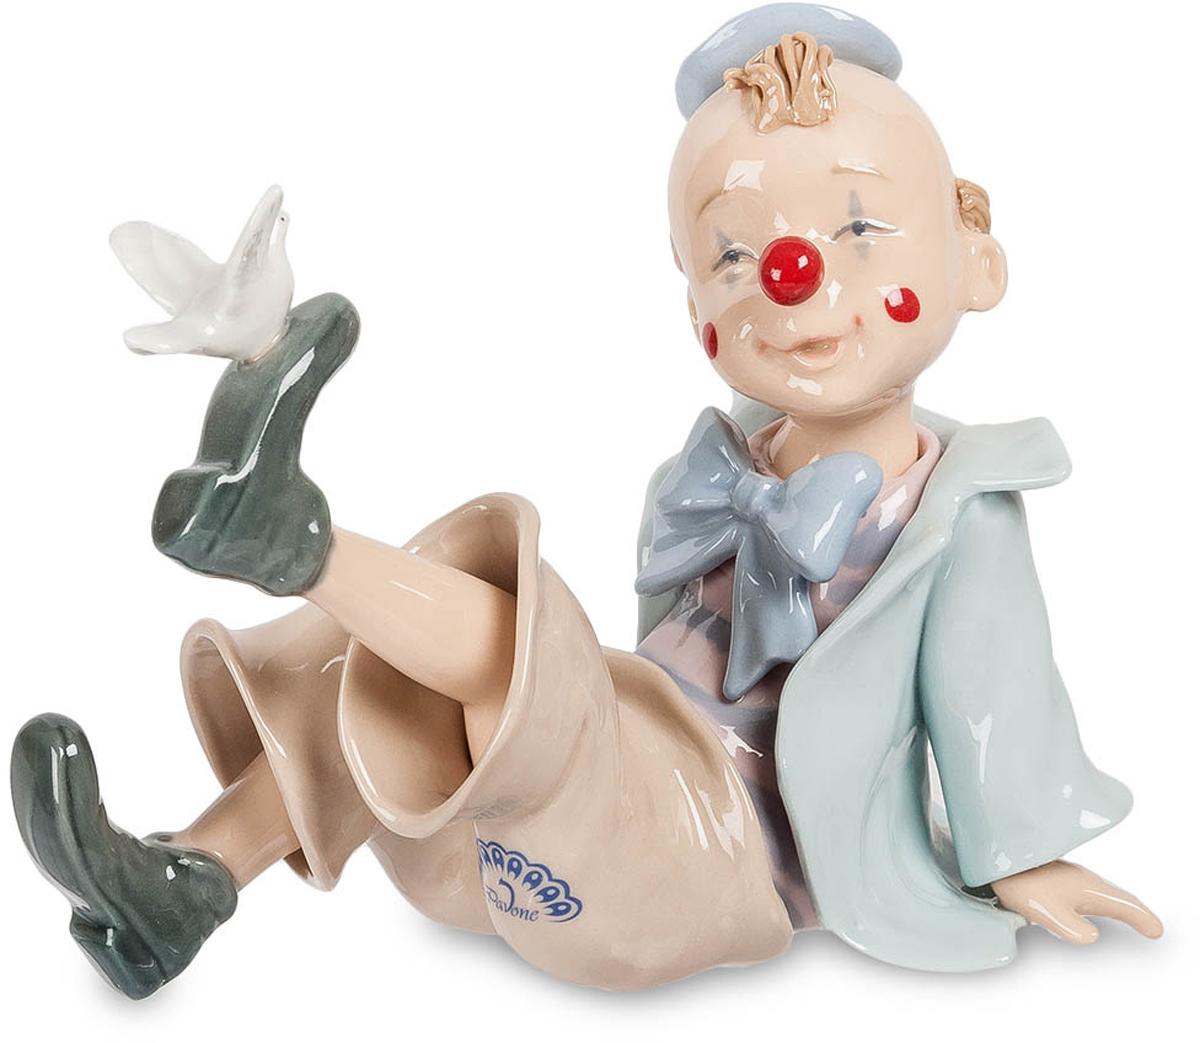 Фигурка Pavone Клоун с голубем. CMS-23/3628907 4Фигурка Клоун с голубем (Pavone) Фигурка Клоун с голубем - удивительное интерьерное украшение, которое понравится как взрослым, так и детям.Героем этого фарфорового произведения является маленький мальчик, который решил стать клоуном, чтобы радовать людей своими шутками. Мальчик позаботился о своем образе, украсив костюм большим бантом, а нос – красным колпачком. Мальчик сидит на полу и играет с белоснежным голубем, который прилетел к его ботинку, решив тем самым рассмешить будущего клоуна.Изделие, изготовленное из тончайшего фарфора, расписано нежными пастельными красками, благодаря чему оно органично впишется в любой интерьерный стиль.